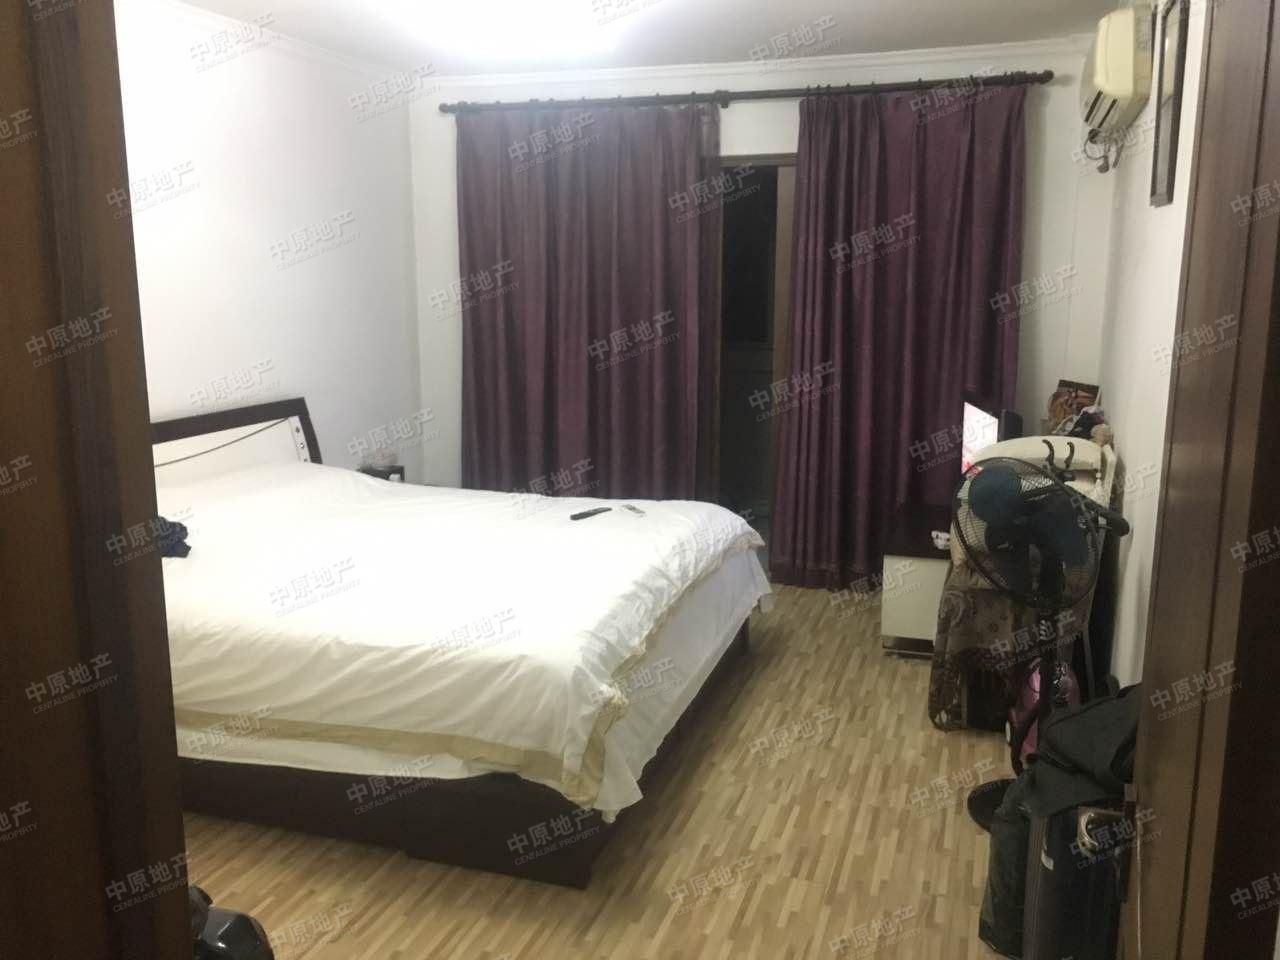 广泰园 3室1厅1卫 主卧朝南 不临街,